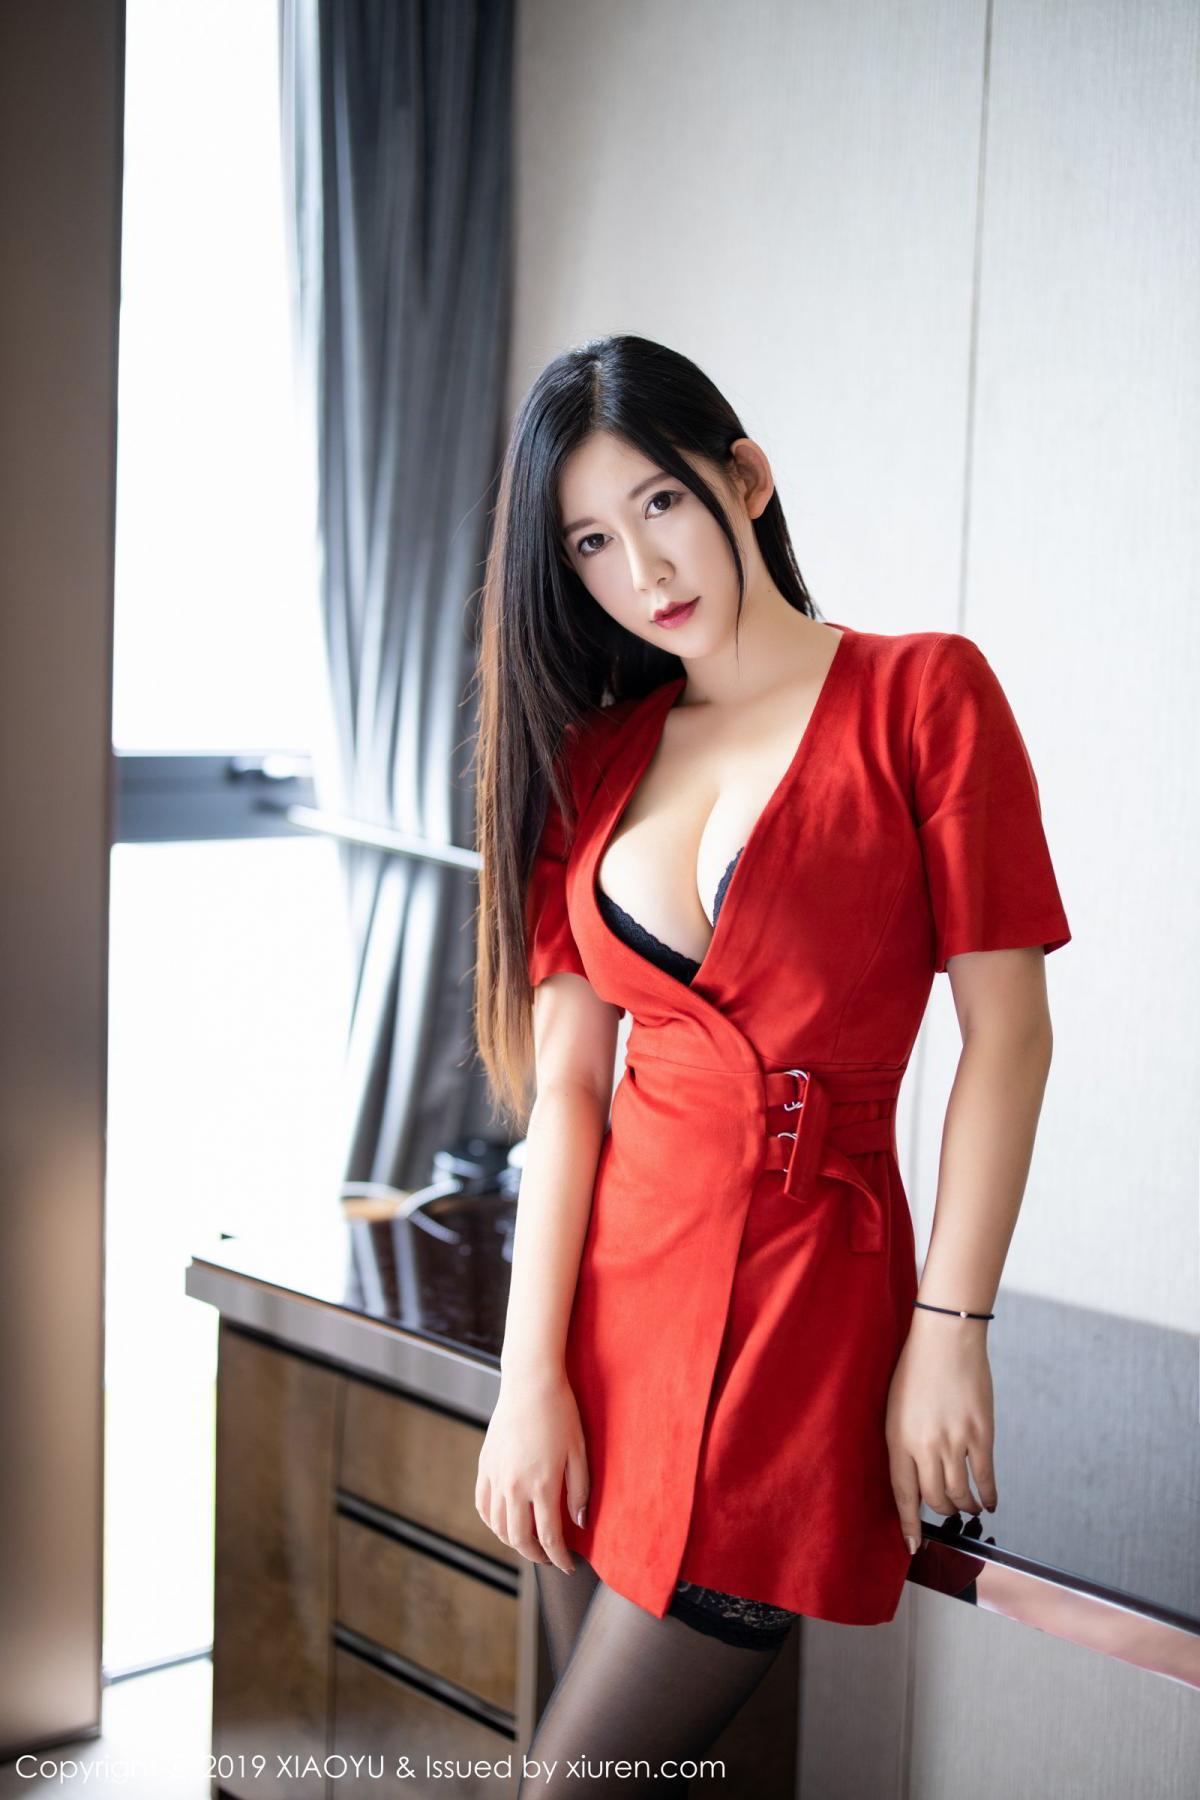 [XiaoYu] Vol.166 Li Ya 5P, Li Ya, Underwear, XiaoYu